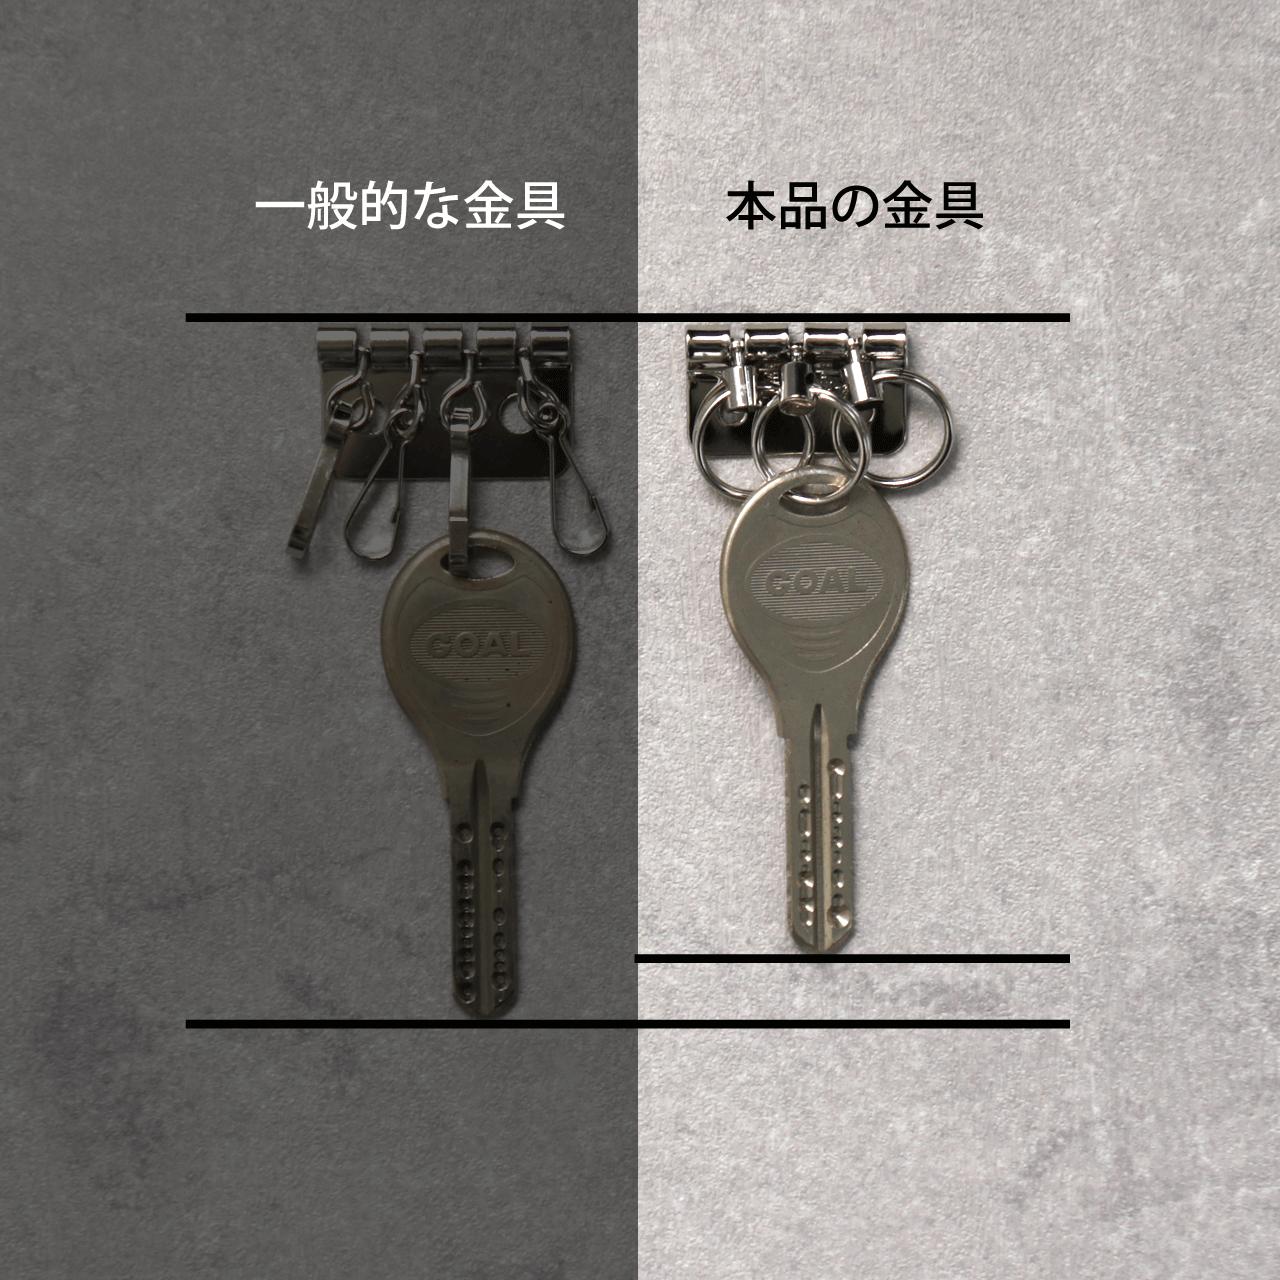 ギリギリぴったり鍵が入るコンパクトキーケース(本革)★ステッチ選べる★ネイビー